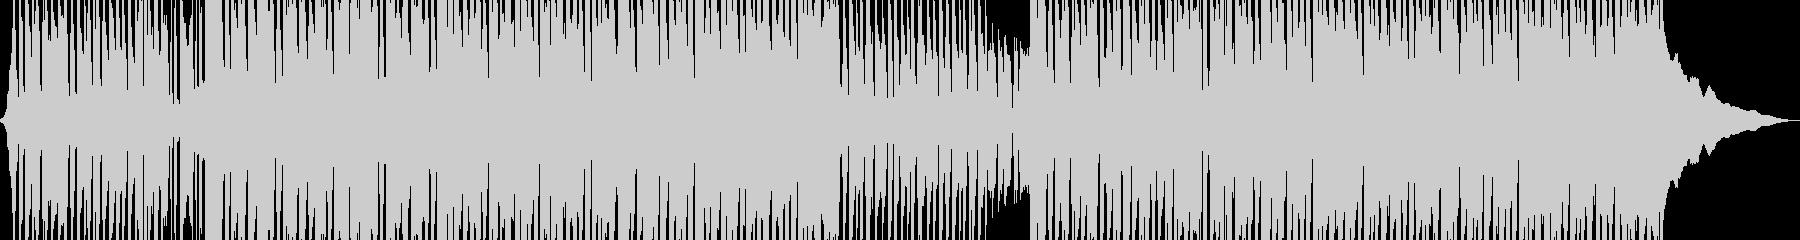 幸せな陽気な楽しいロックの未再生の波形